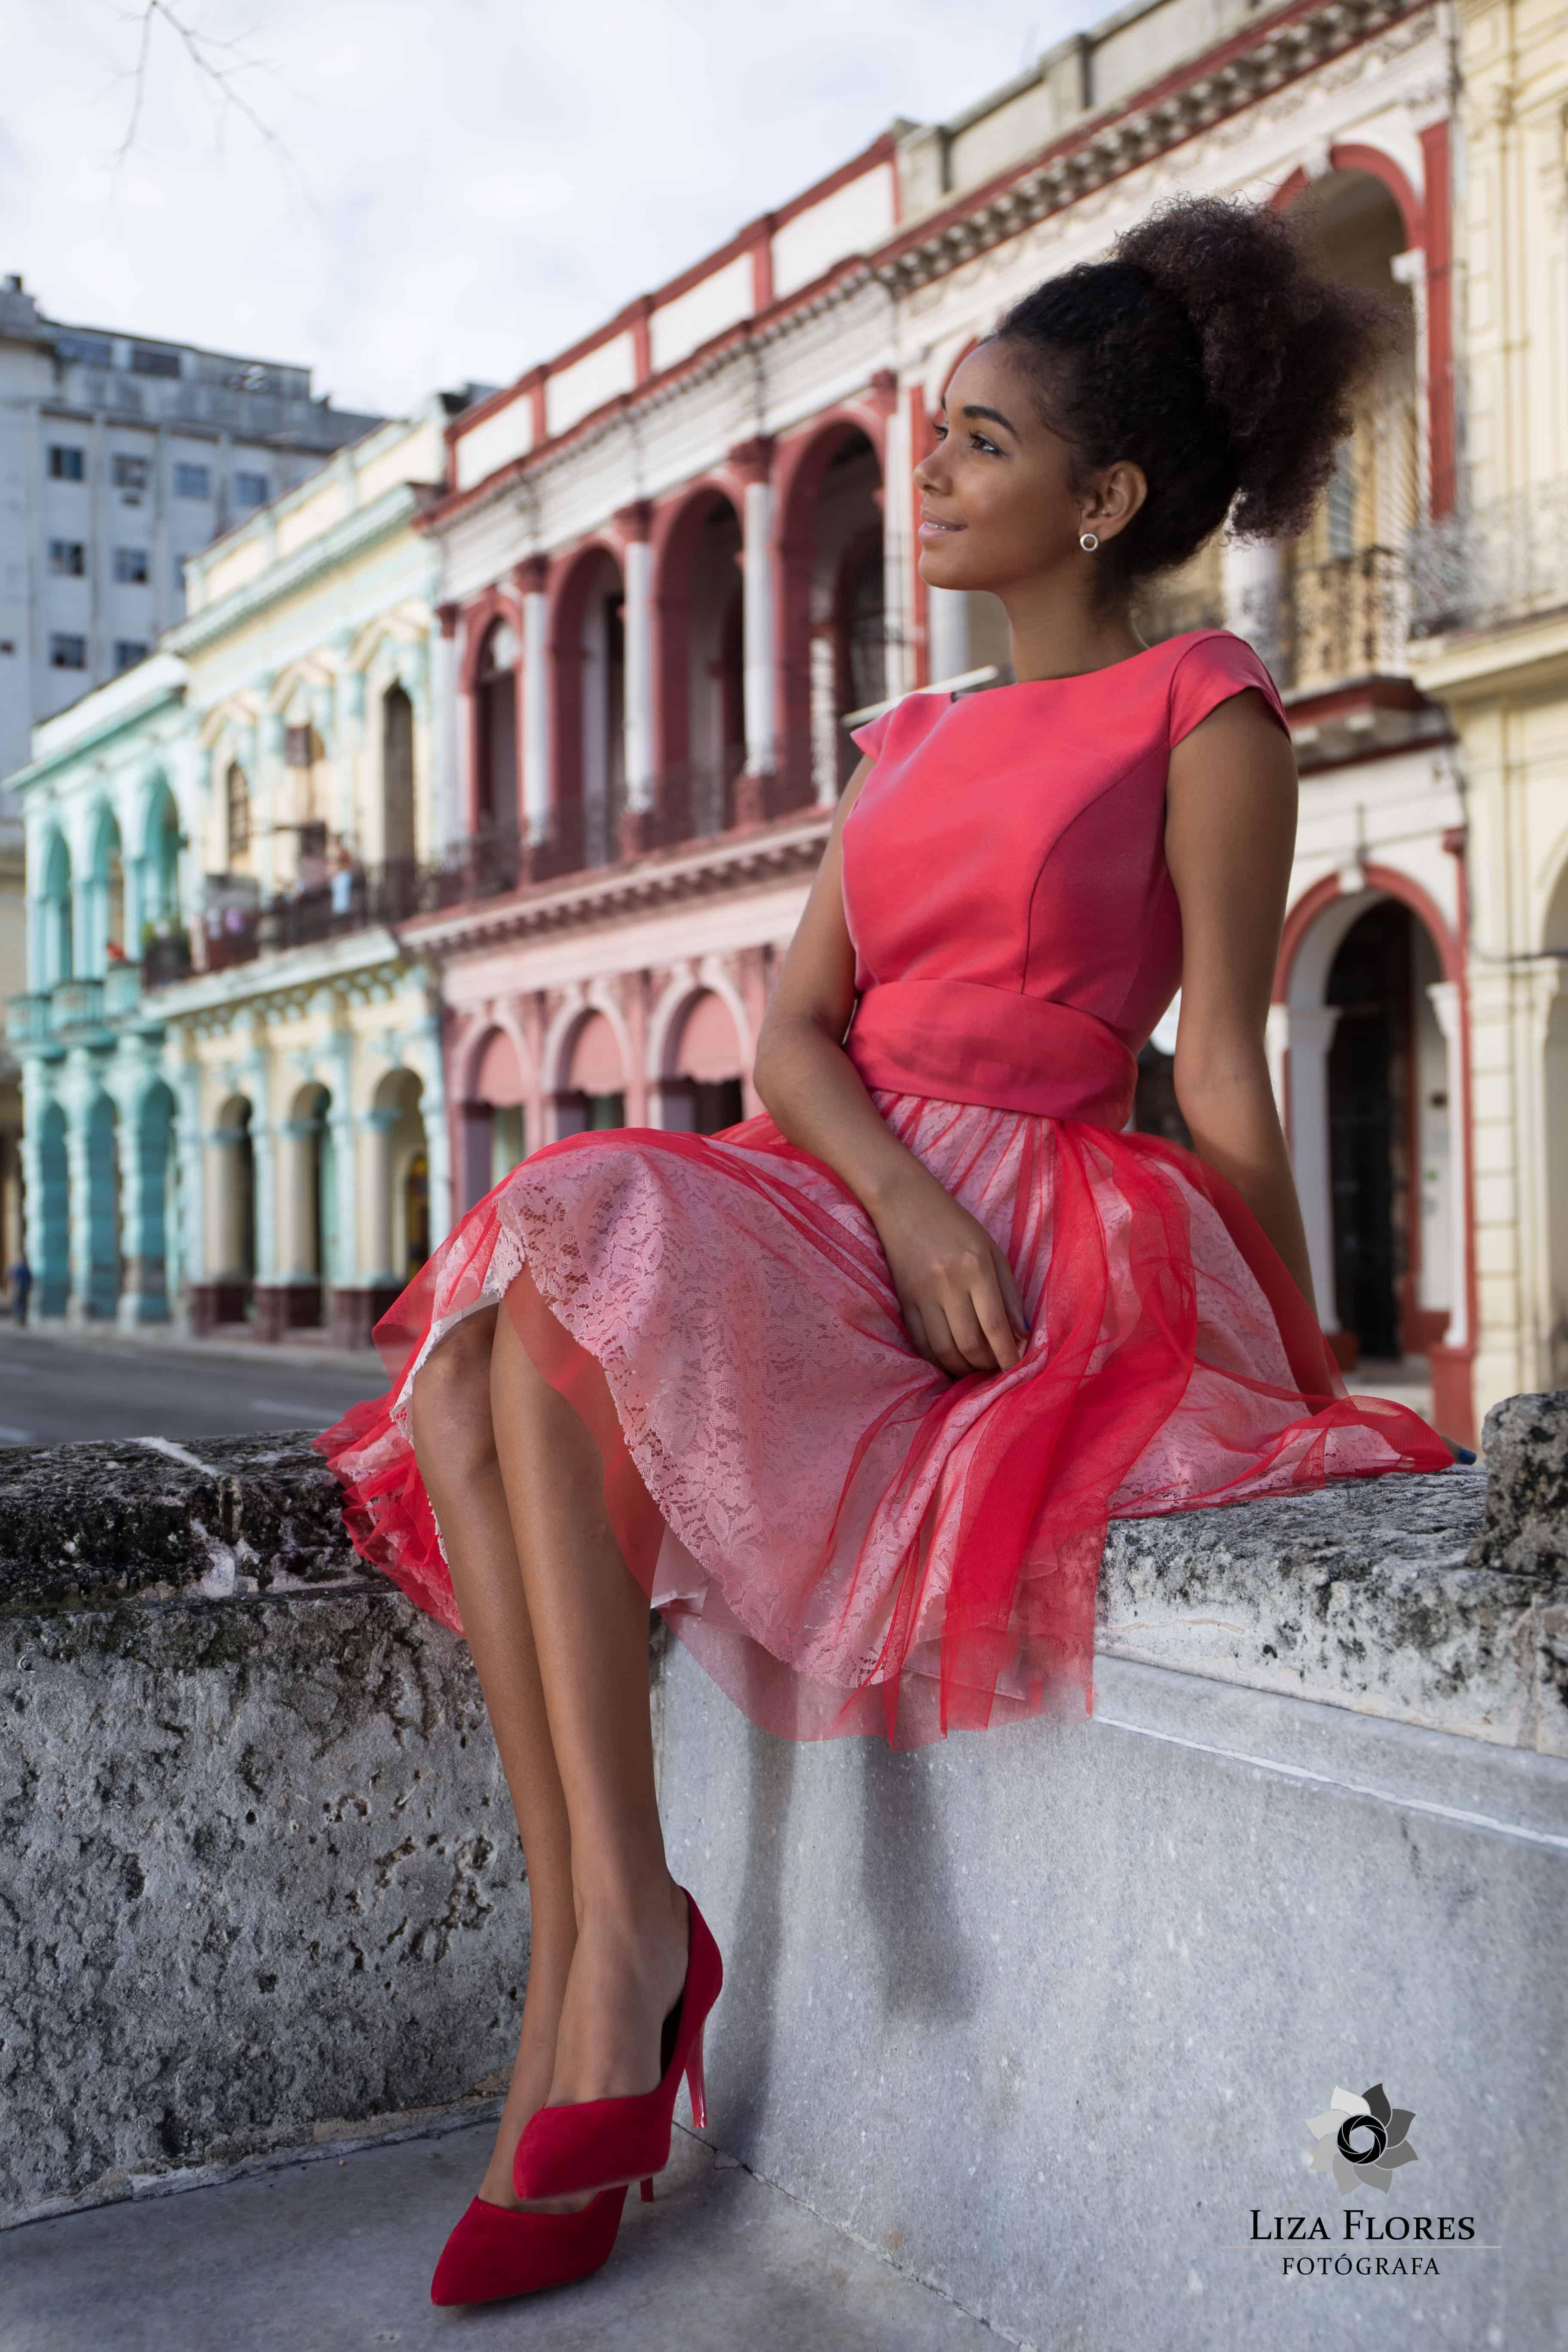 Sesión fotográfica en La Habana Vieja.